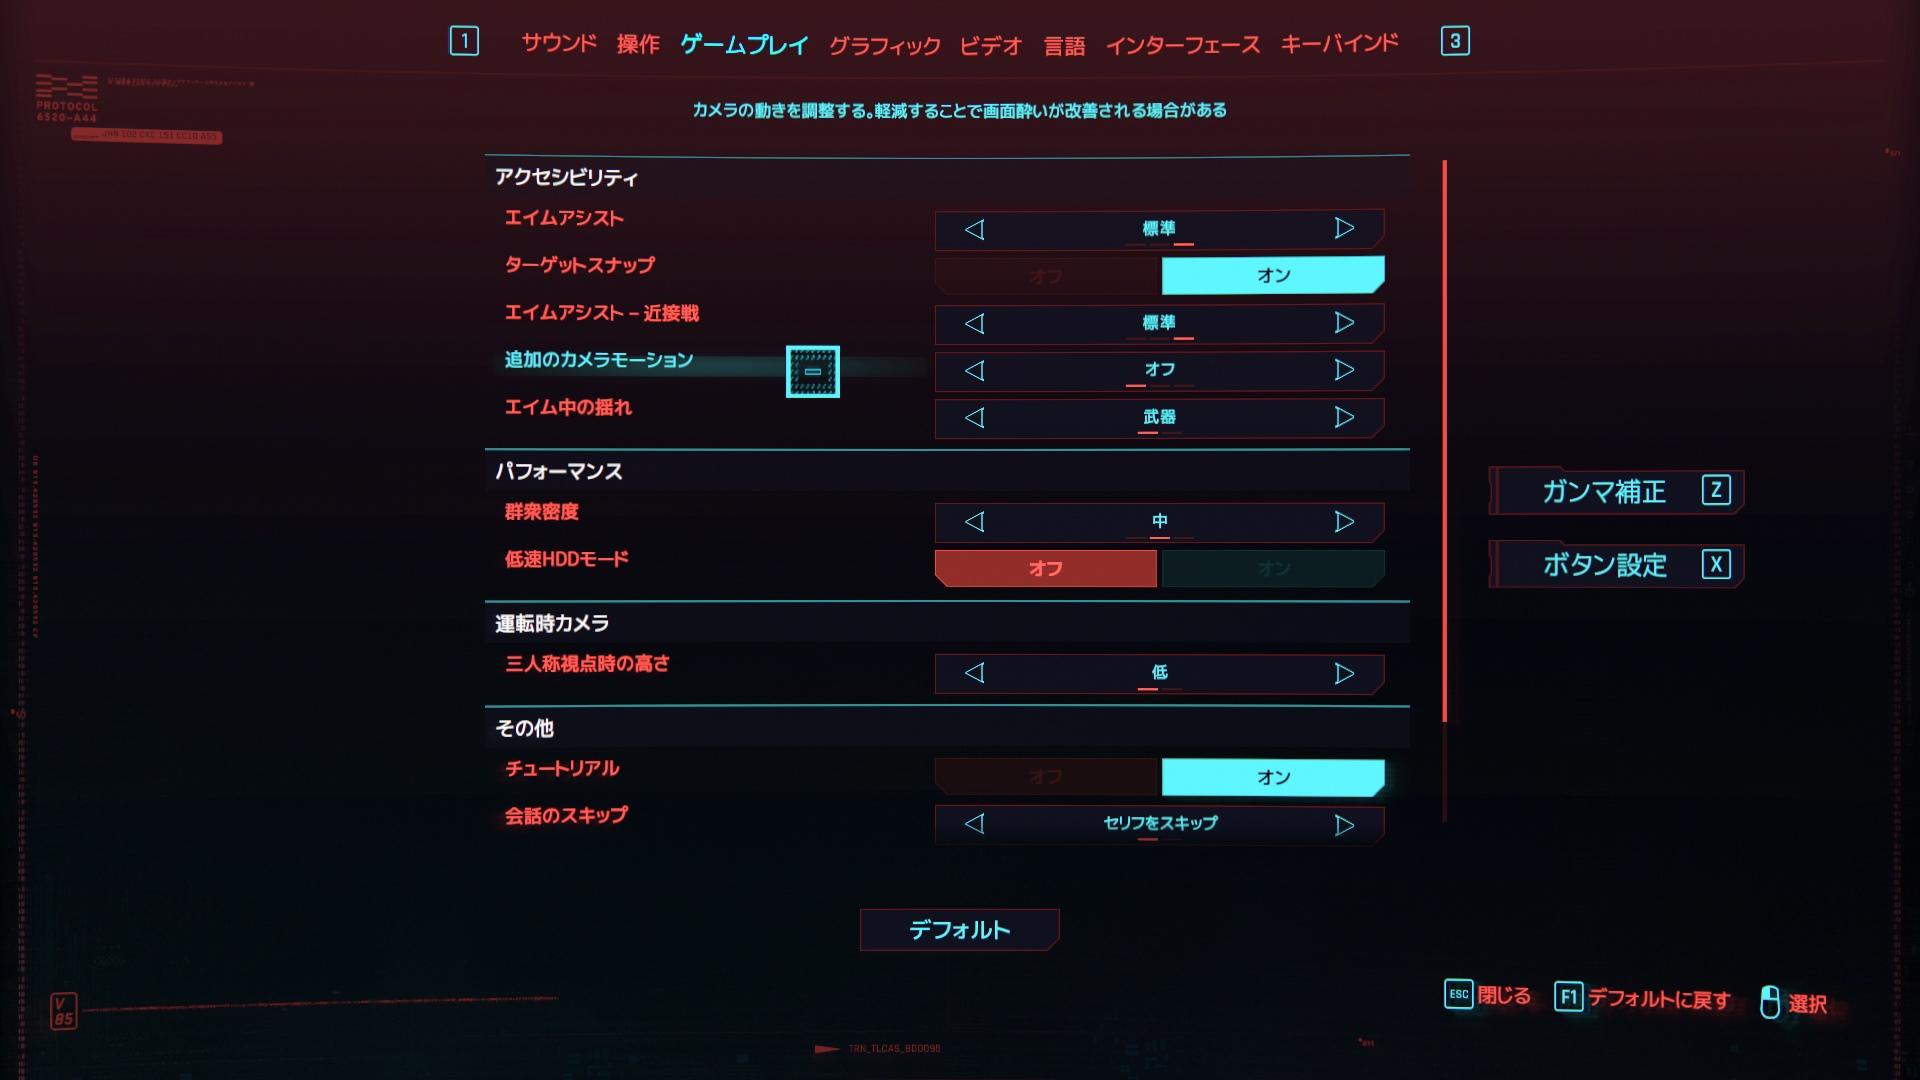 サイバーパンク2077の画面酔いを改善できるかもしれない設定方法。追加のカメラモーションをオフにする。